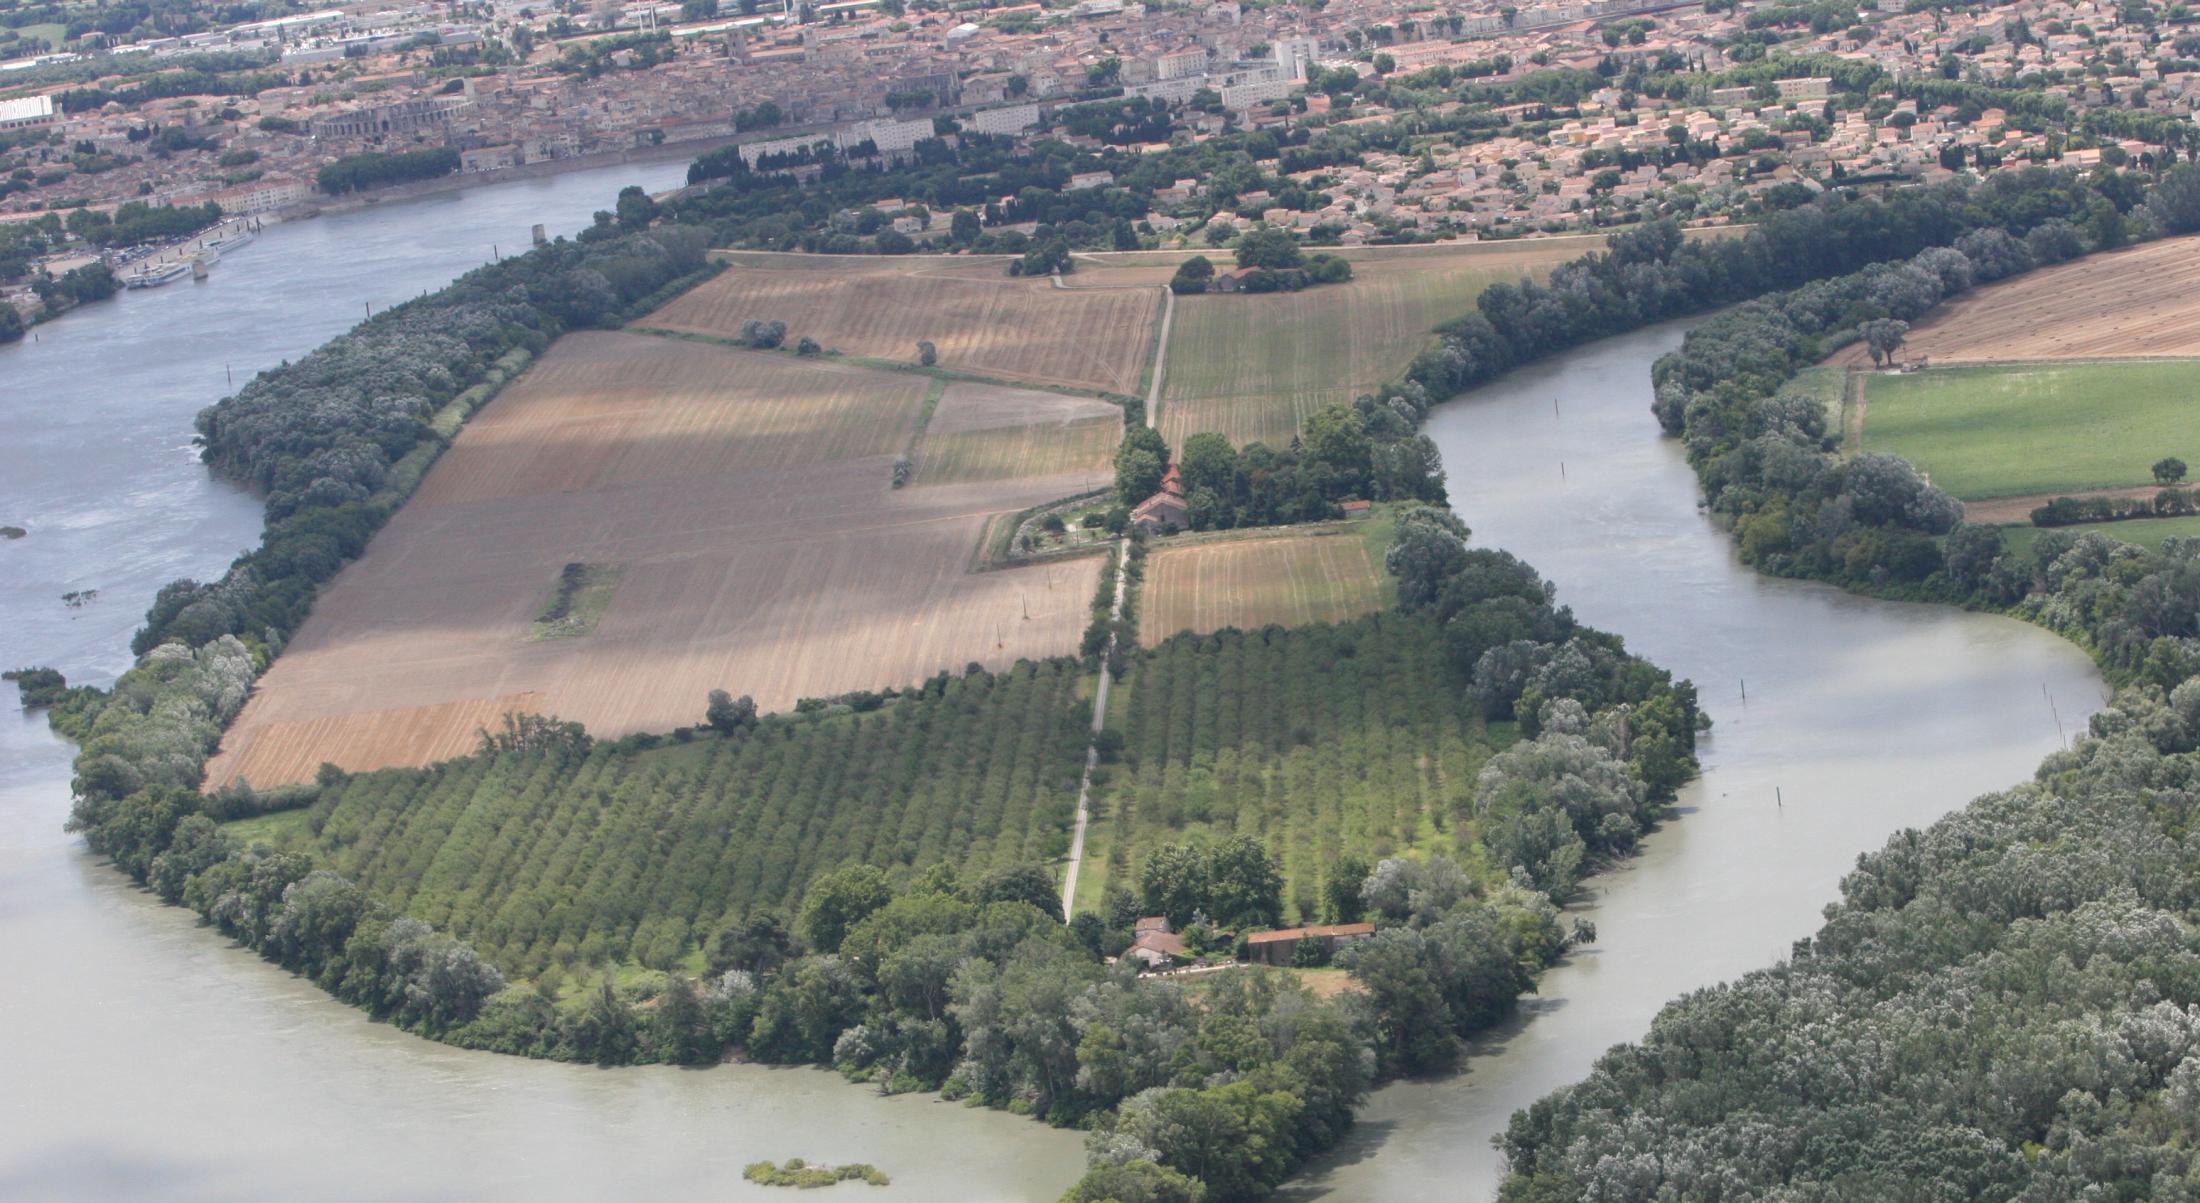 Le Rhône à Arles en Camargue - Office de Tourisme d'Arles